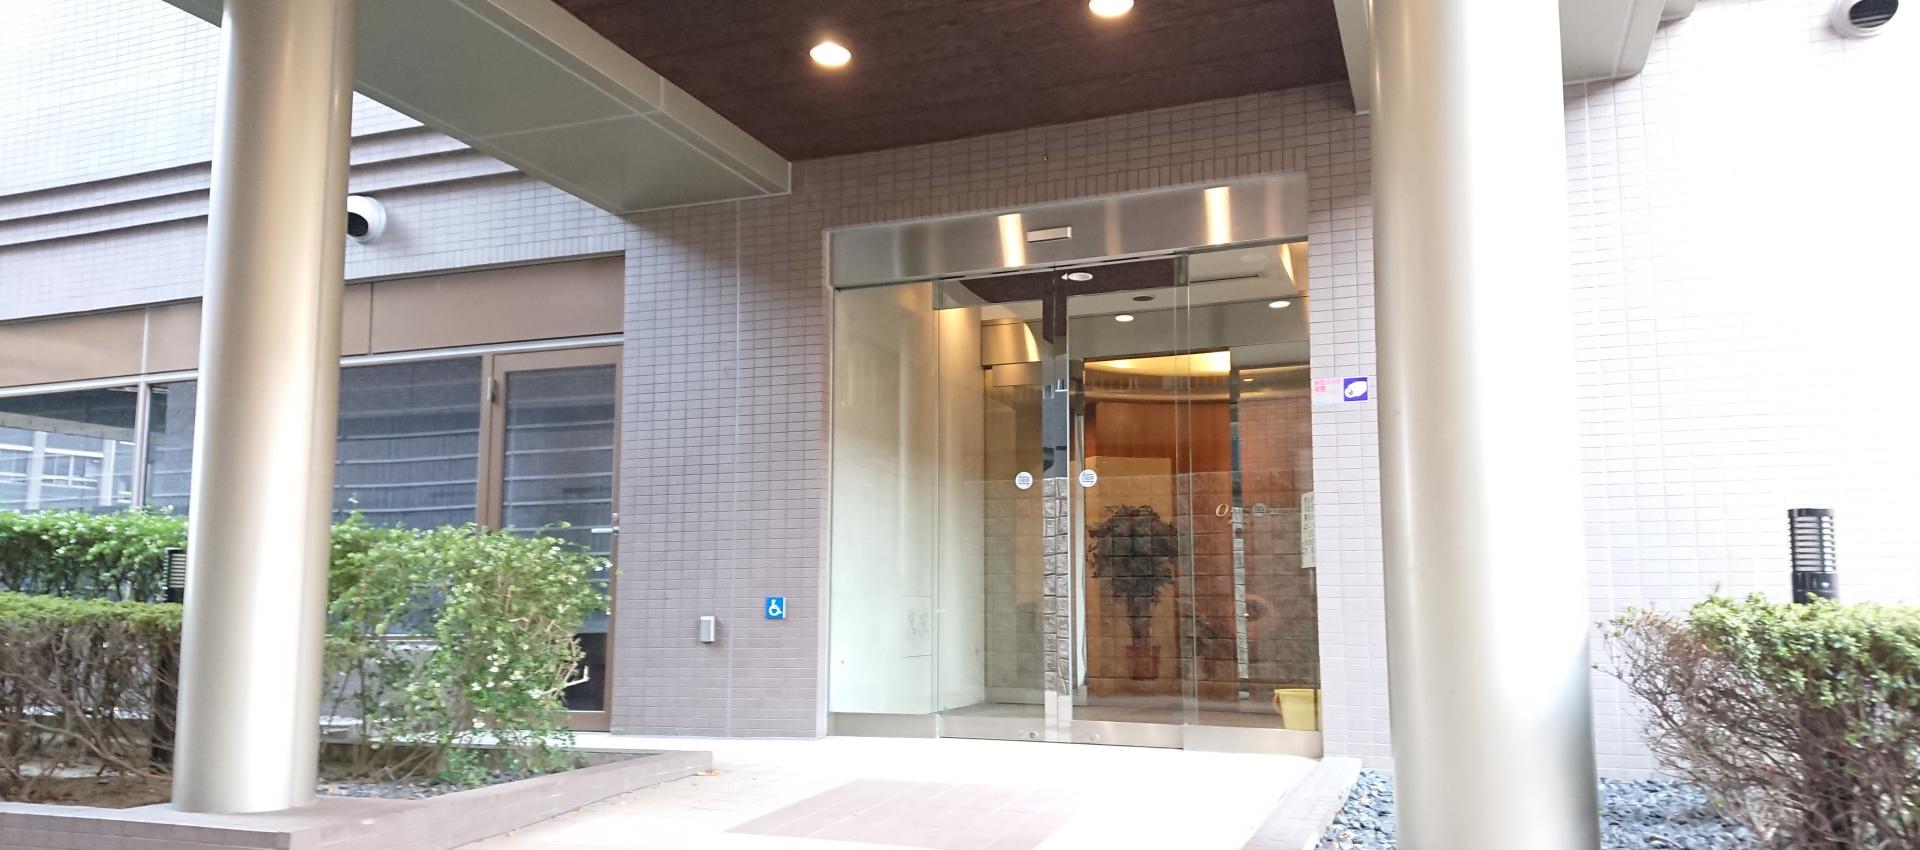 オアーゼ扇町 家具付き賃貸 食事付き賃貸の専門家|単身赴任本舗(大阪)